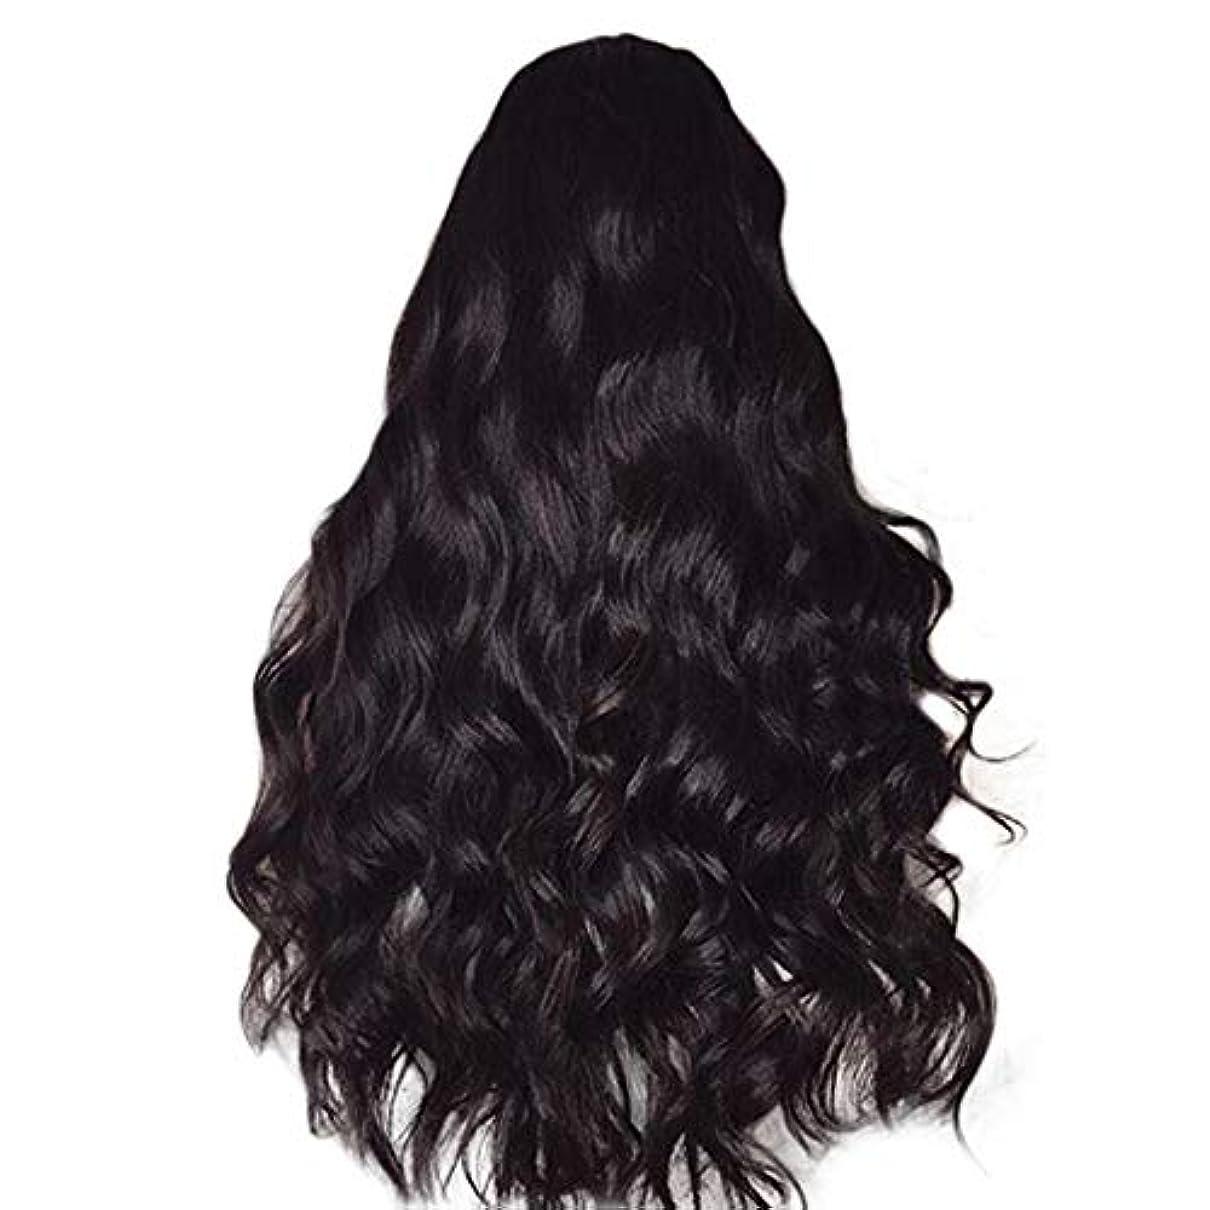 誇大妄想返還スーパー女性のかつら長い巻き毛黒ふわふわビッグウェーブウィッグ65 cm